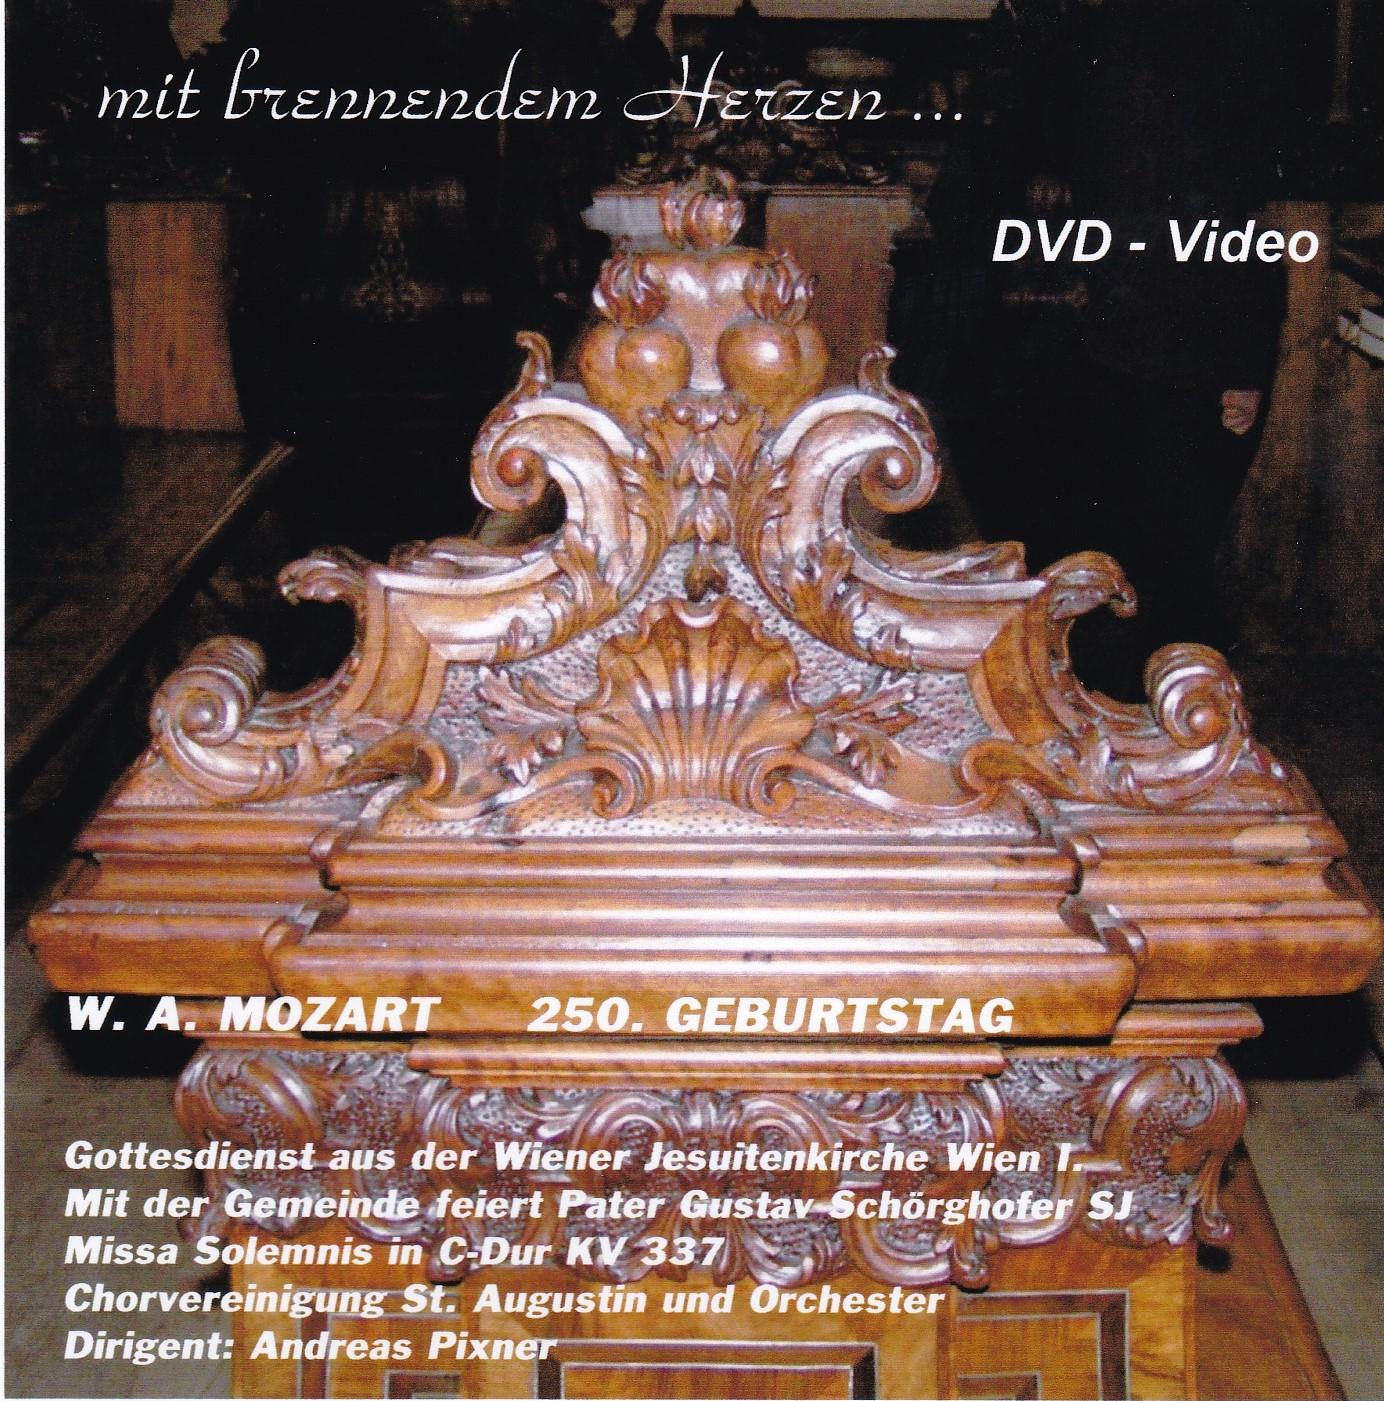 Missa Solemnis DVD